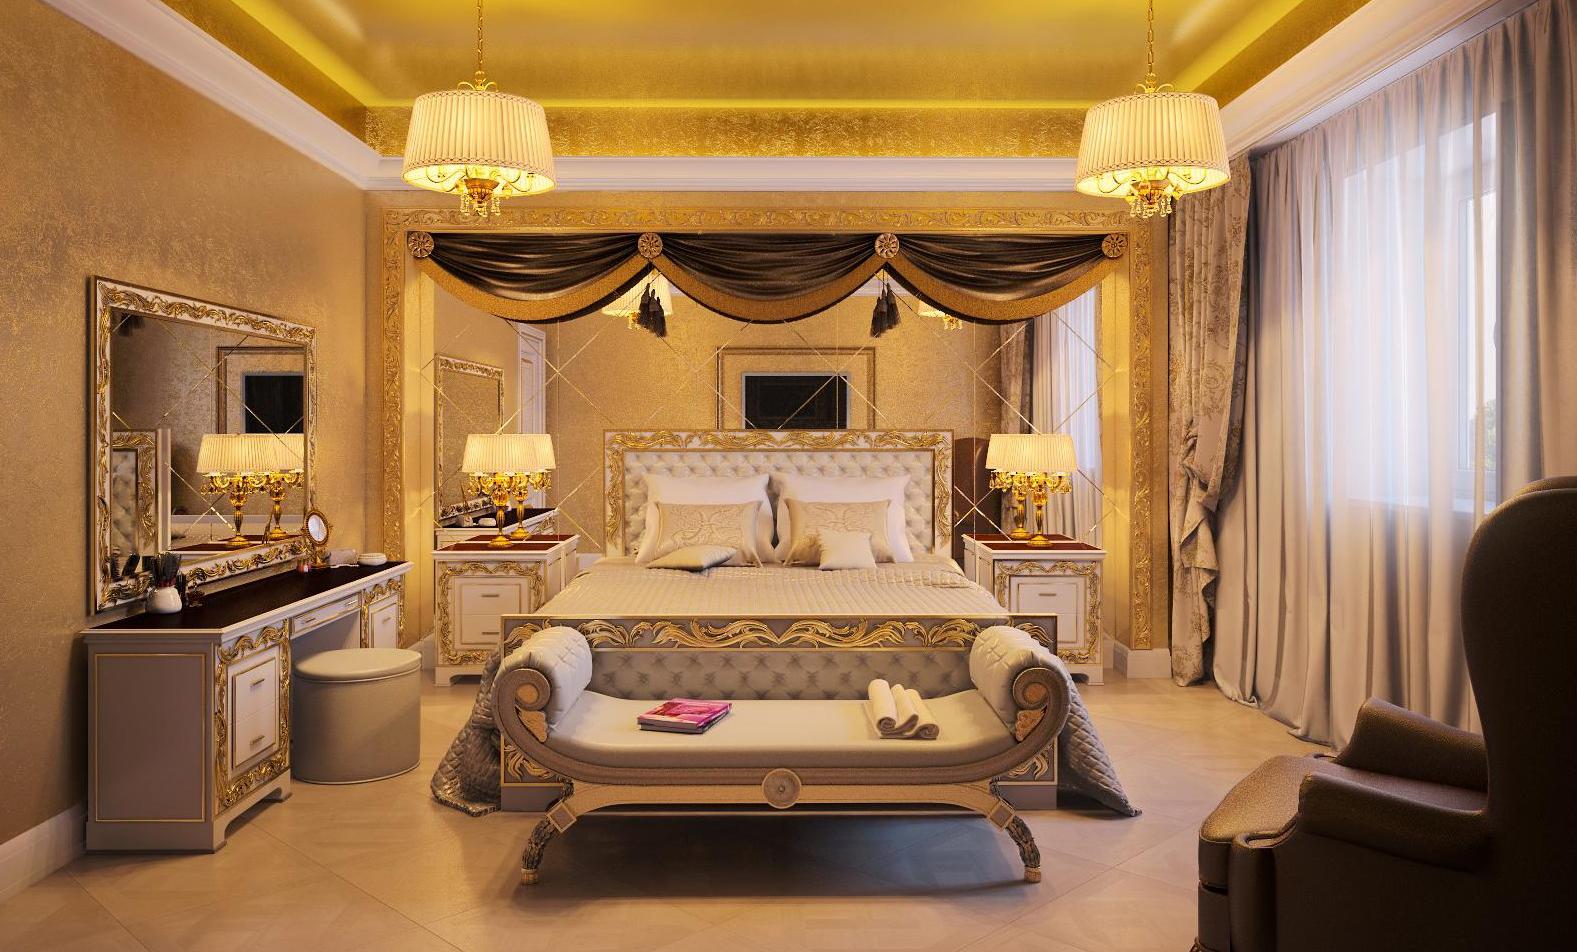 Зеркало в интерьере в стиле ампир в спальне